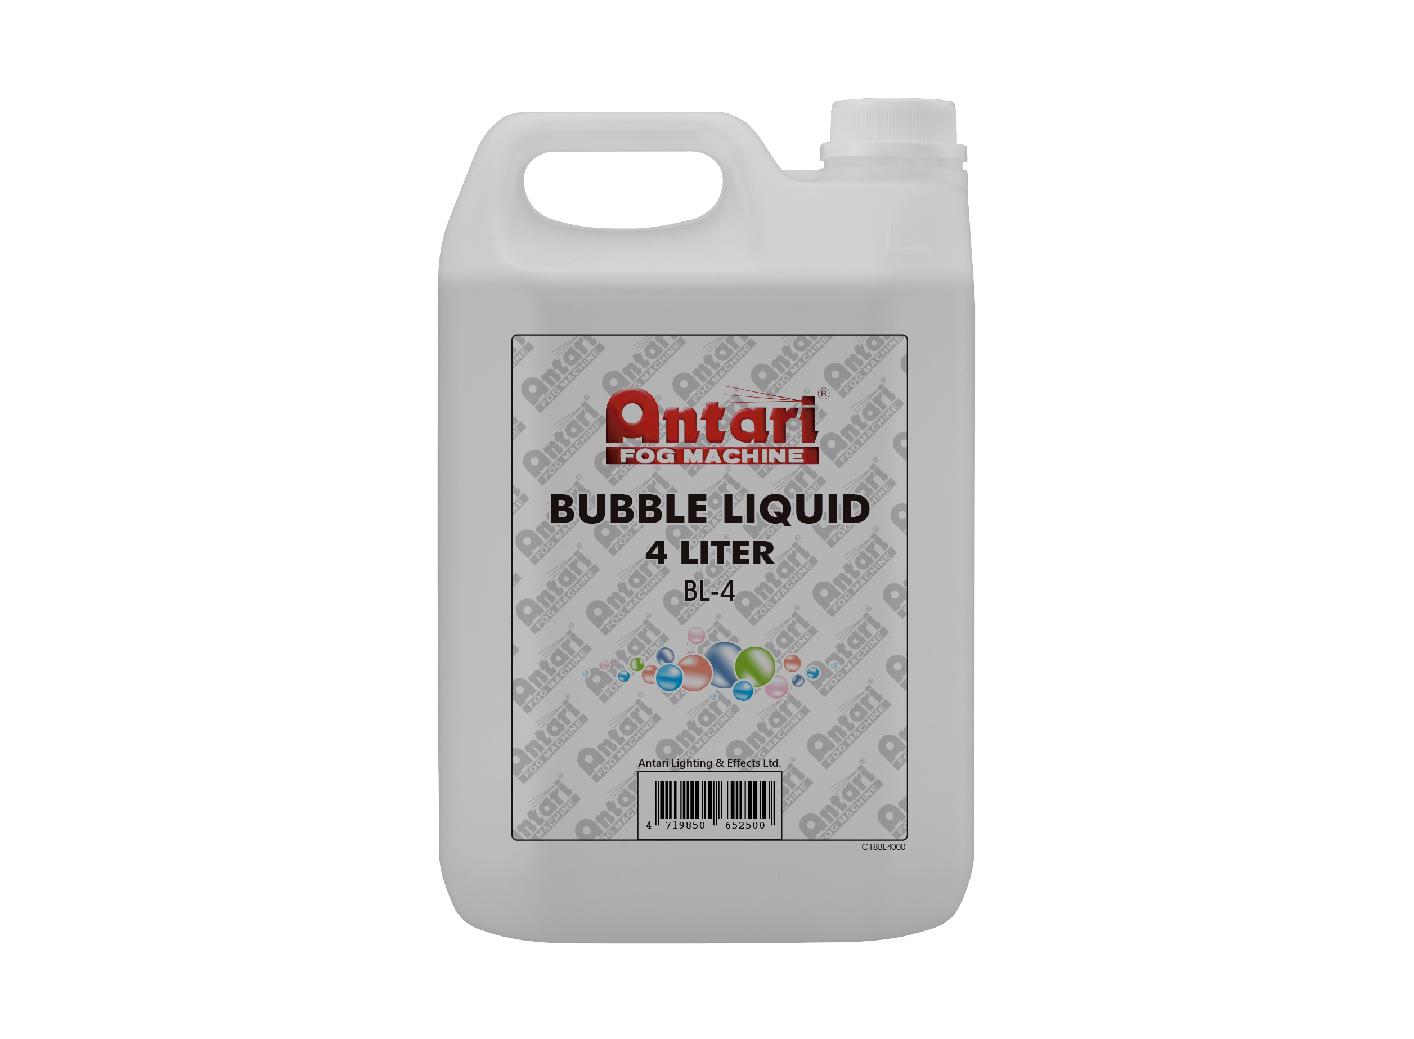 Fluid_BL-4 Bubble Liquid